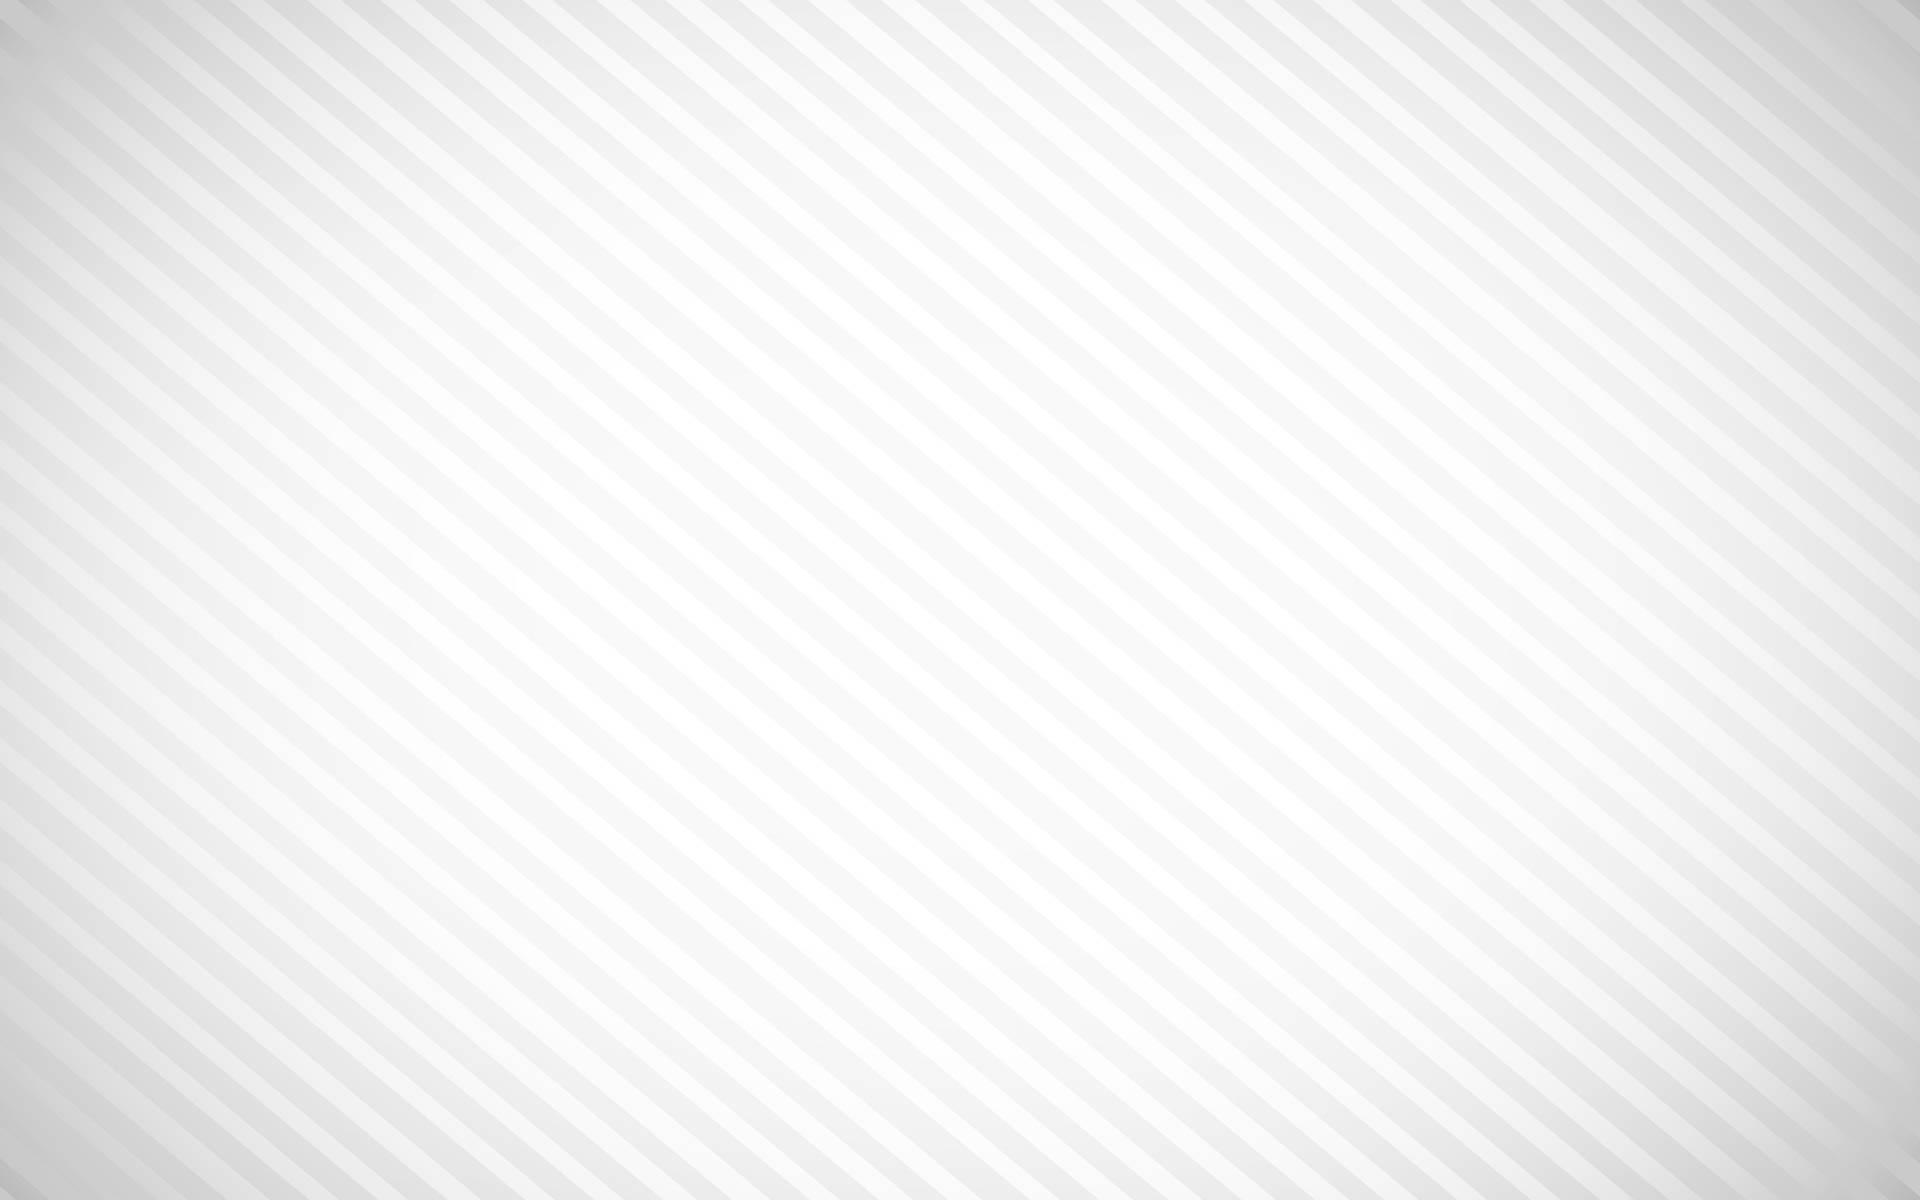 fondo-web-blanco